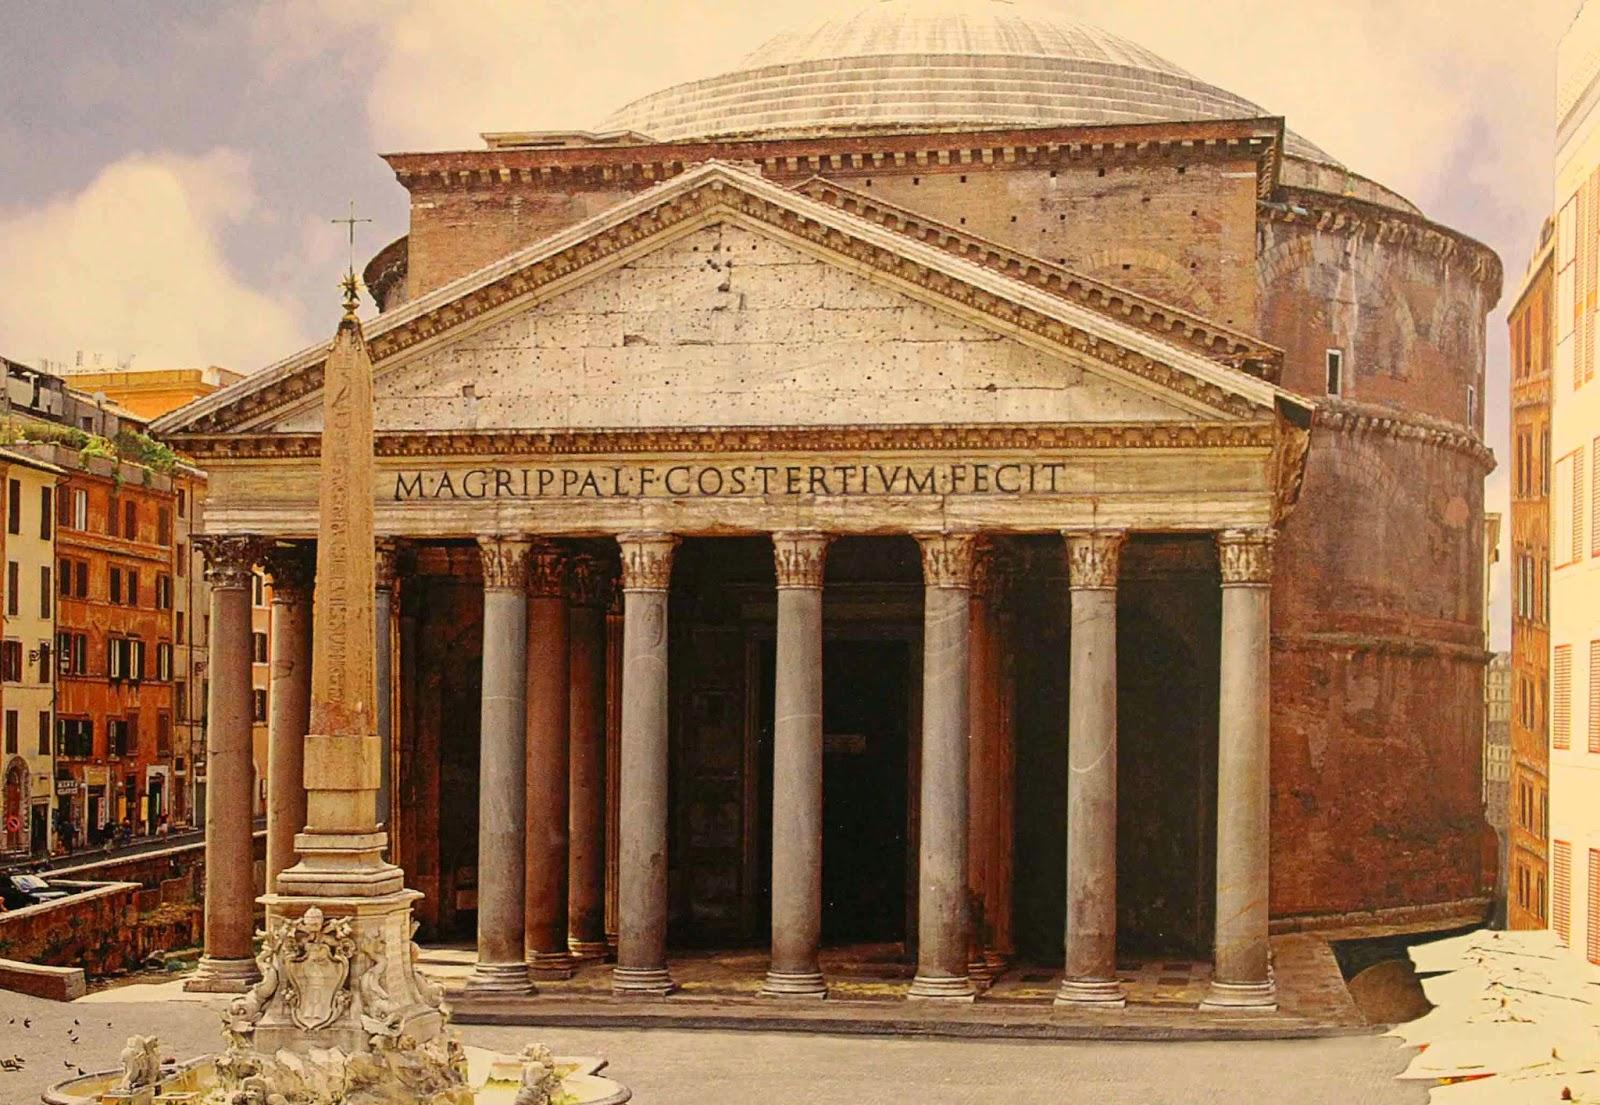 Arquitectura historia y construcci n el panteon de agripa for Inicios de la arquitectura